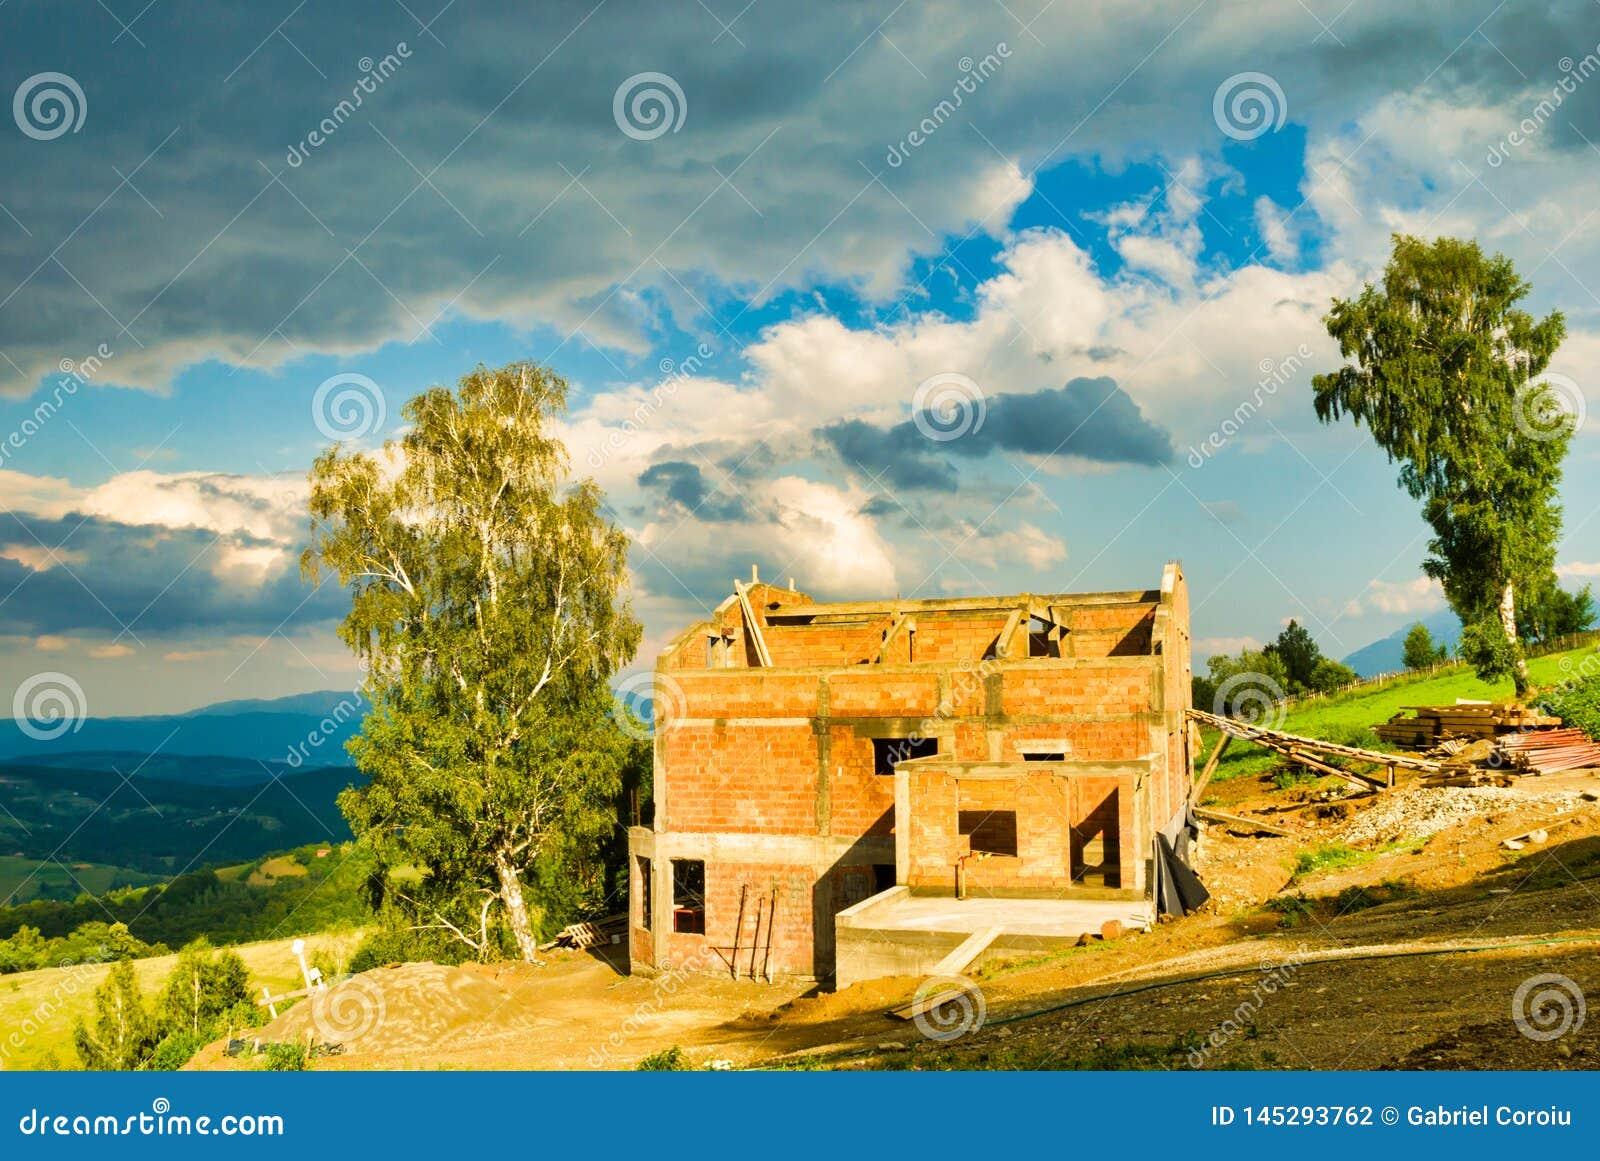 Casa con mattoni a vista costruita nelle montagne